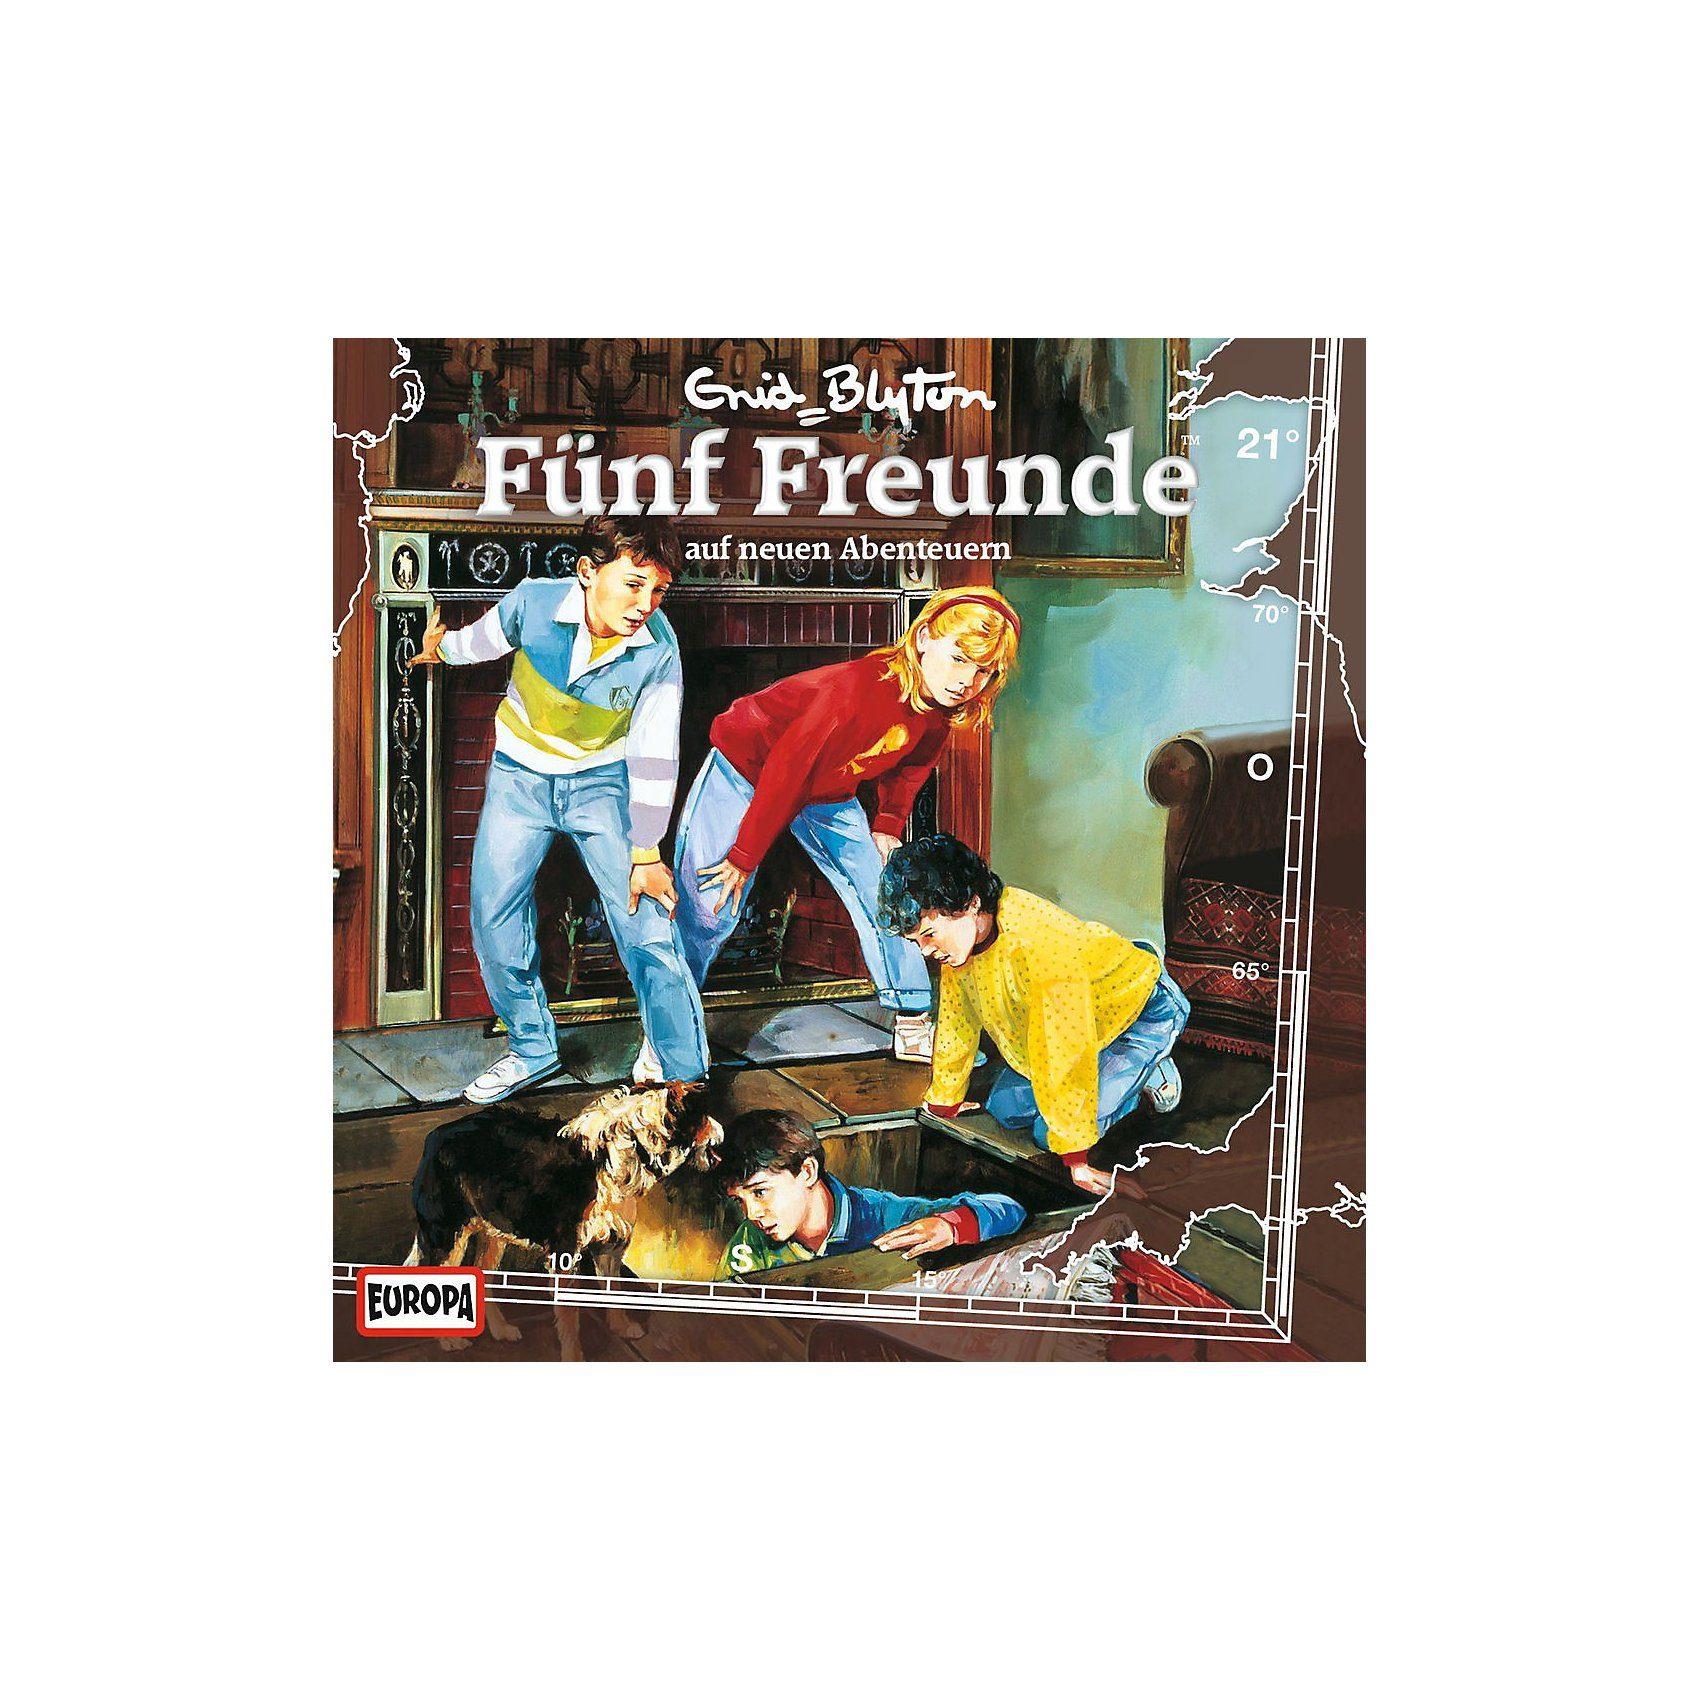 Sony CD Fünf Freunde 021/auf neuen Abenteuer